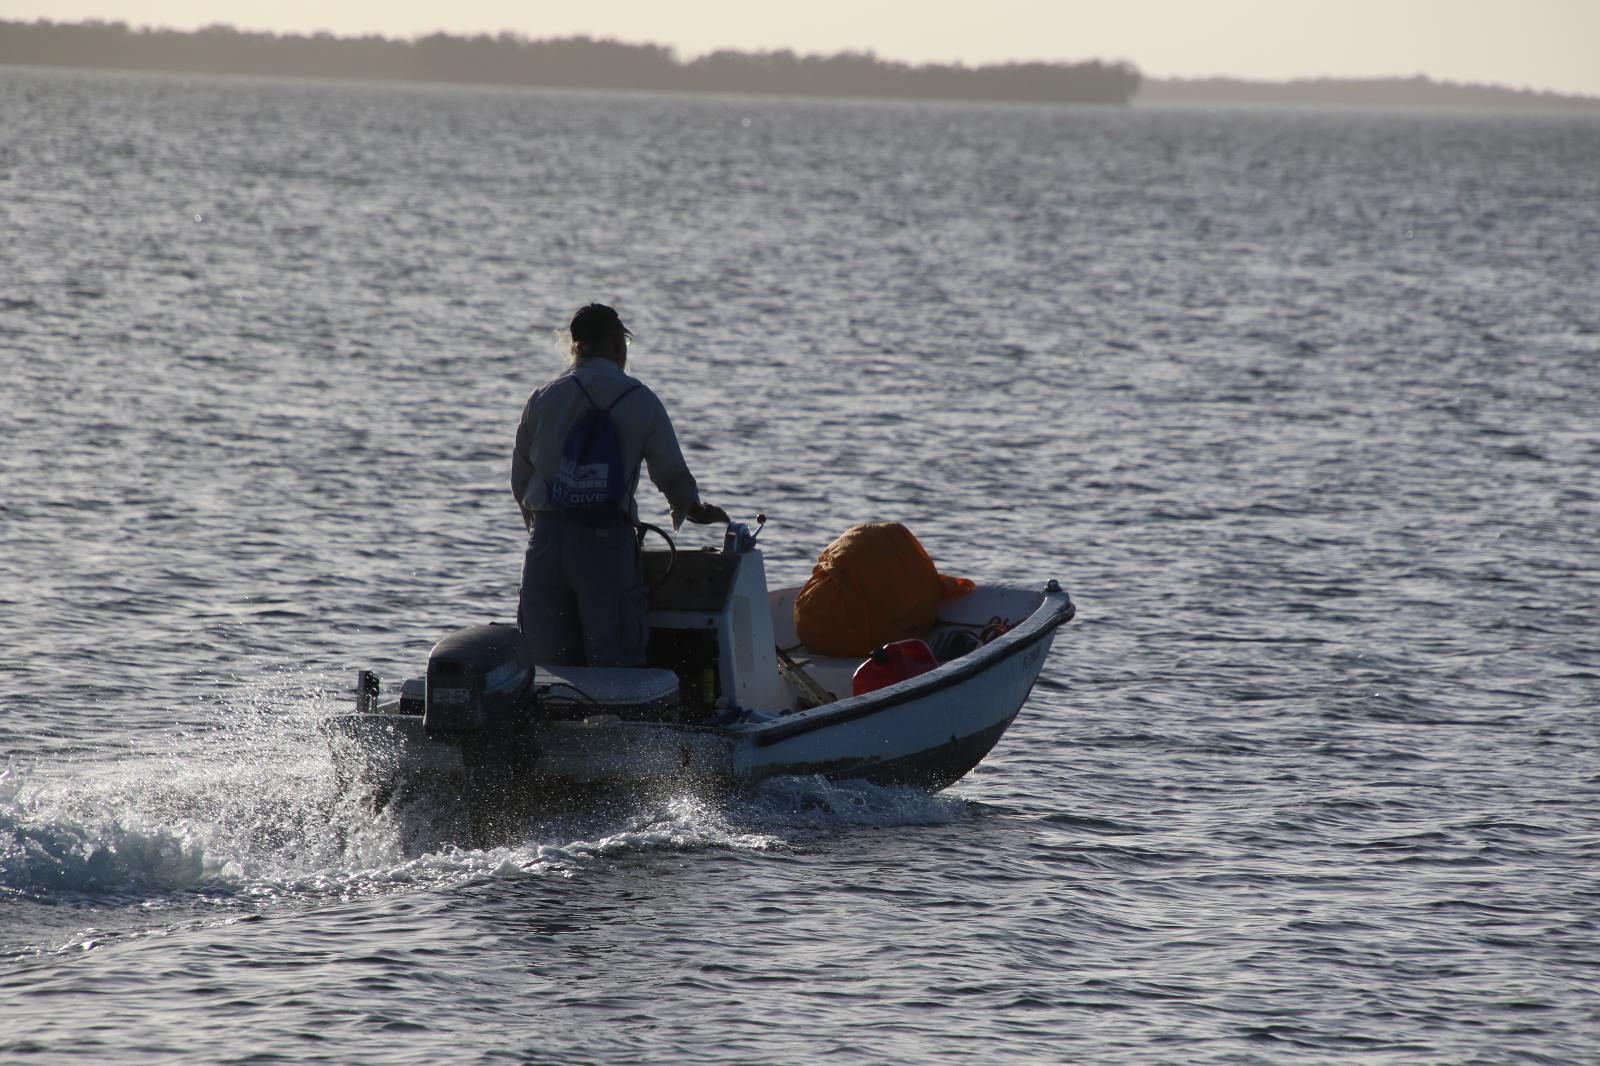 Fisherman Driving a Skiff